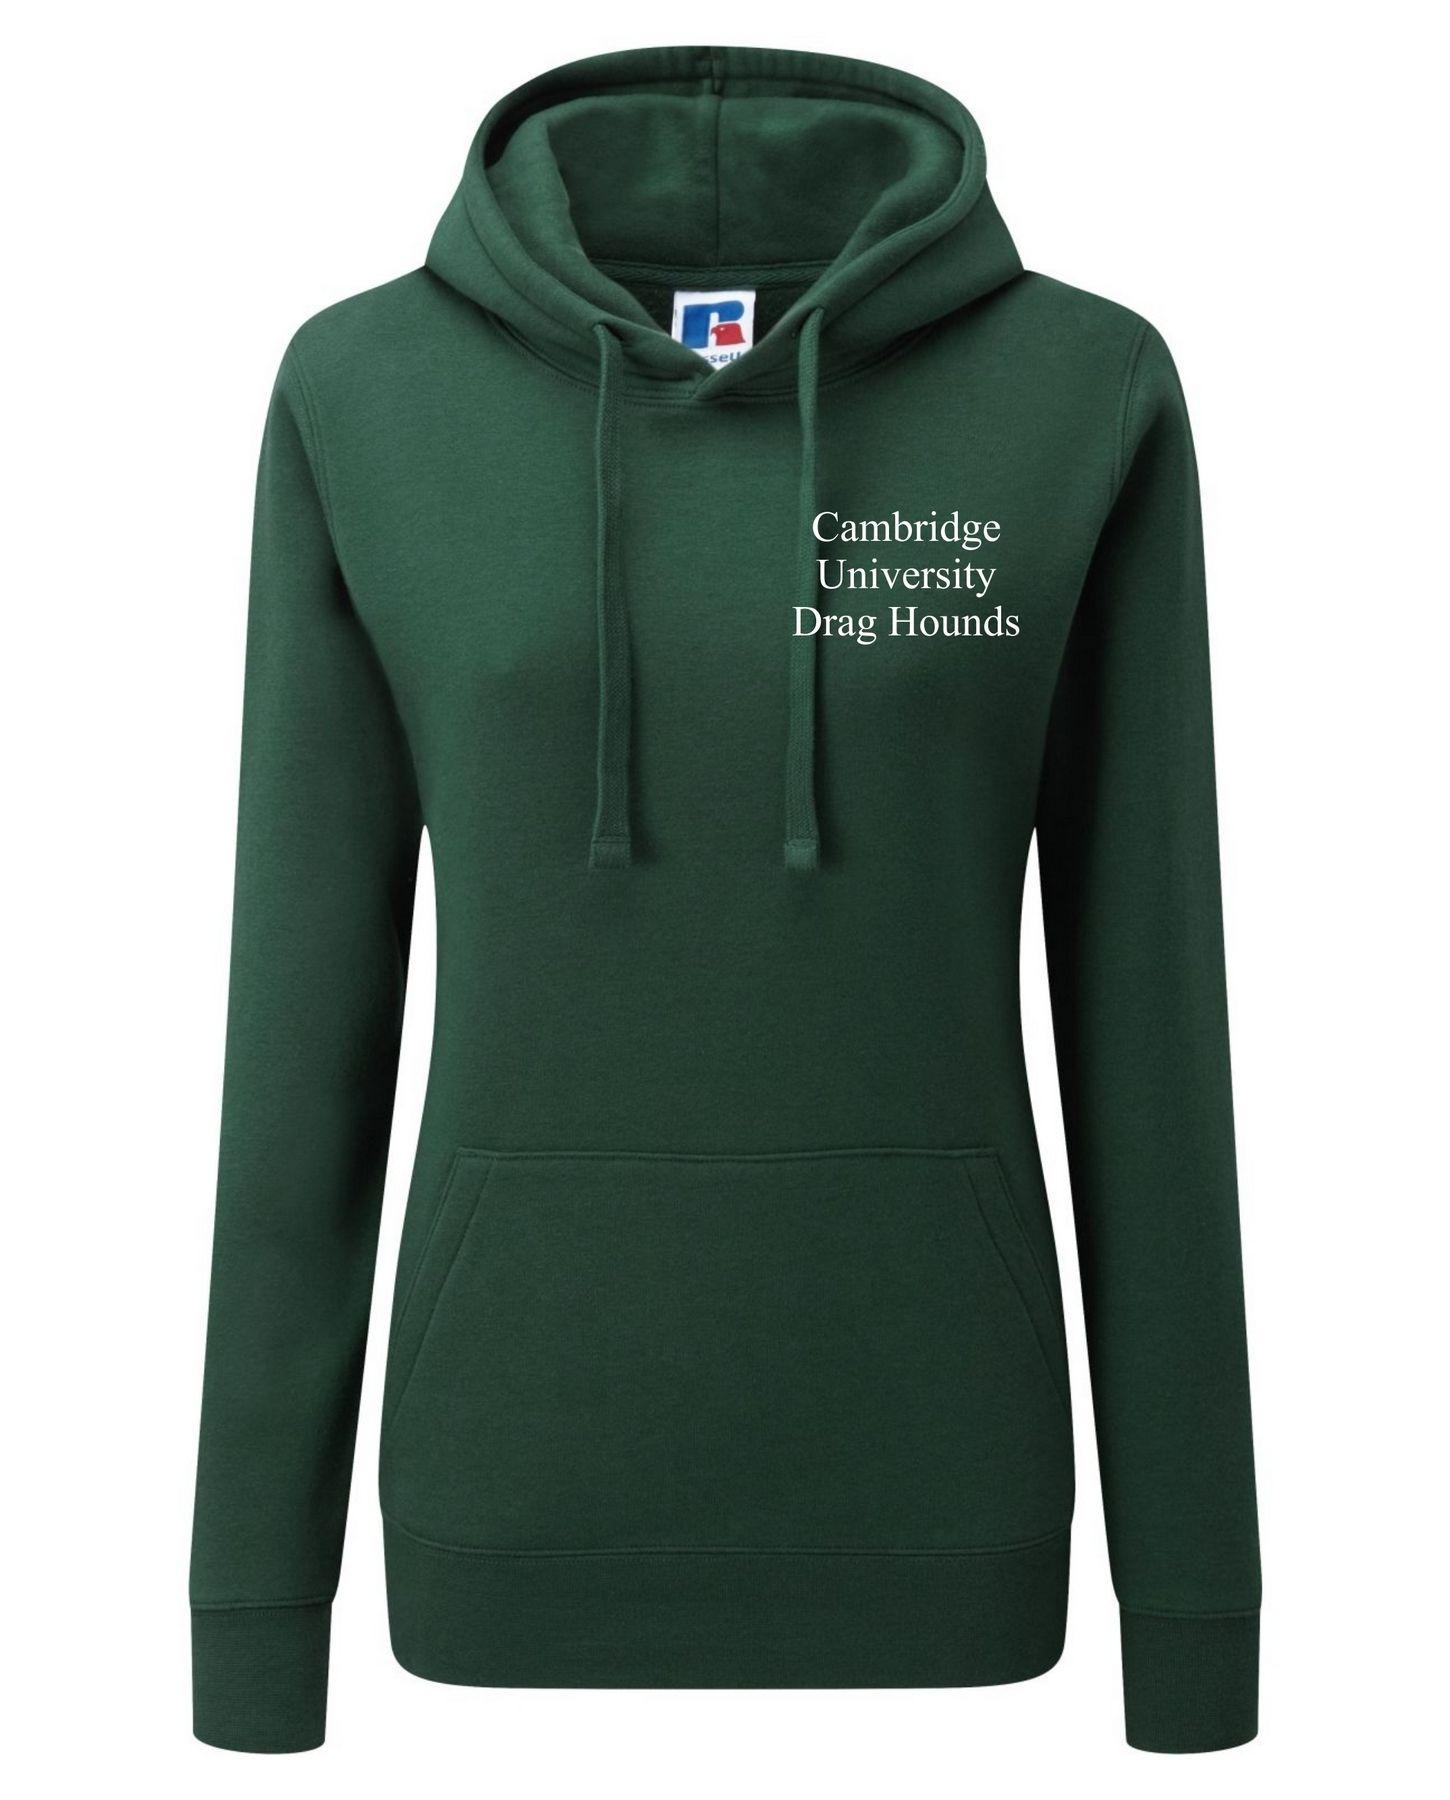 CUDH – Women's Premium Authentic Hoodie